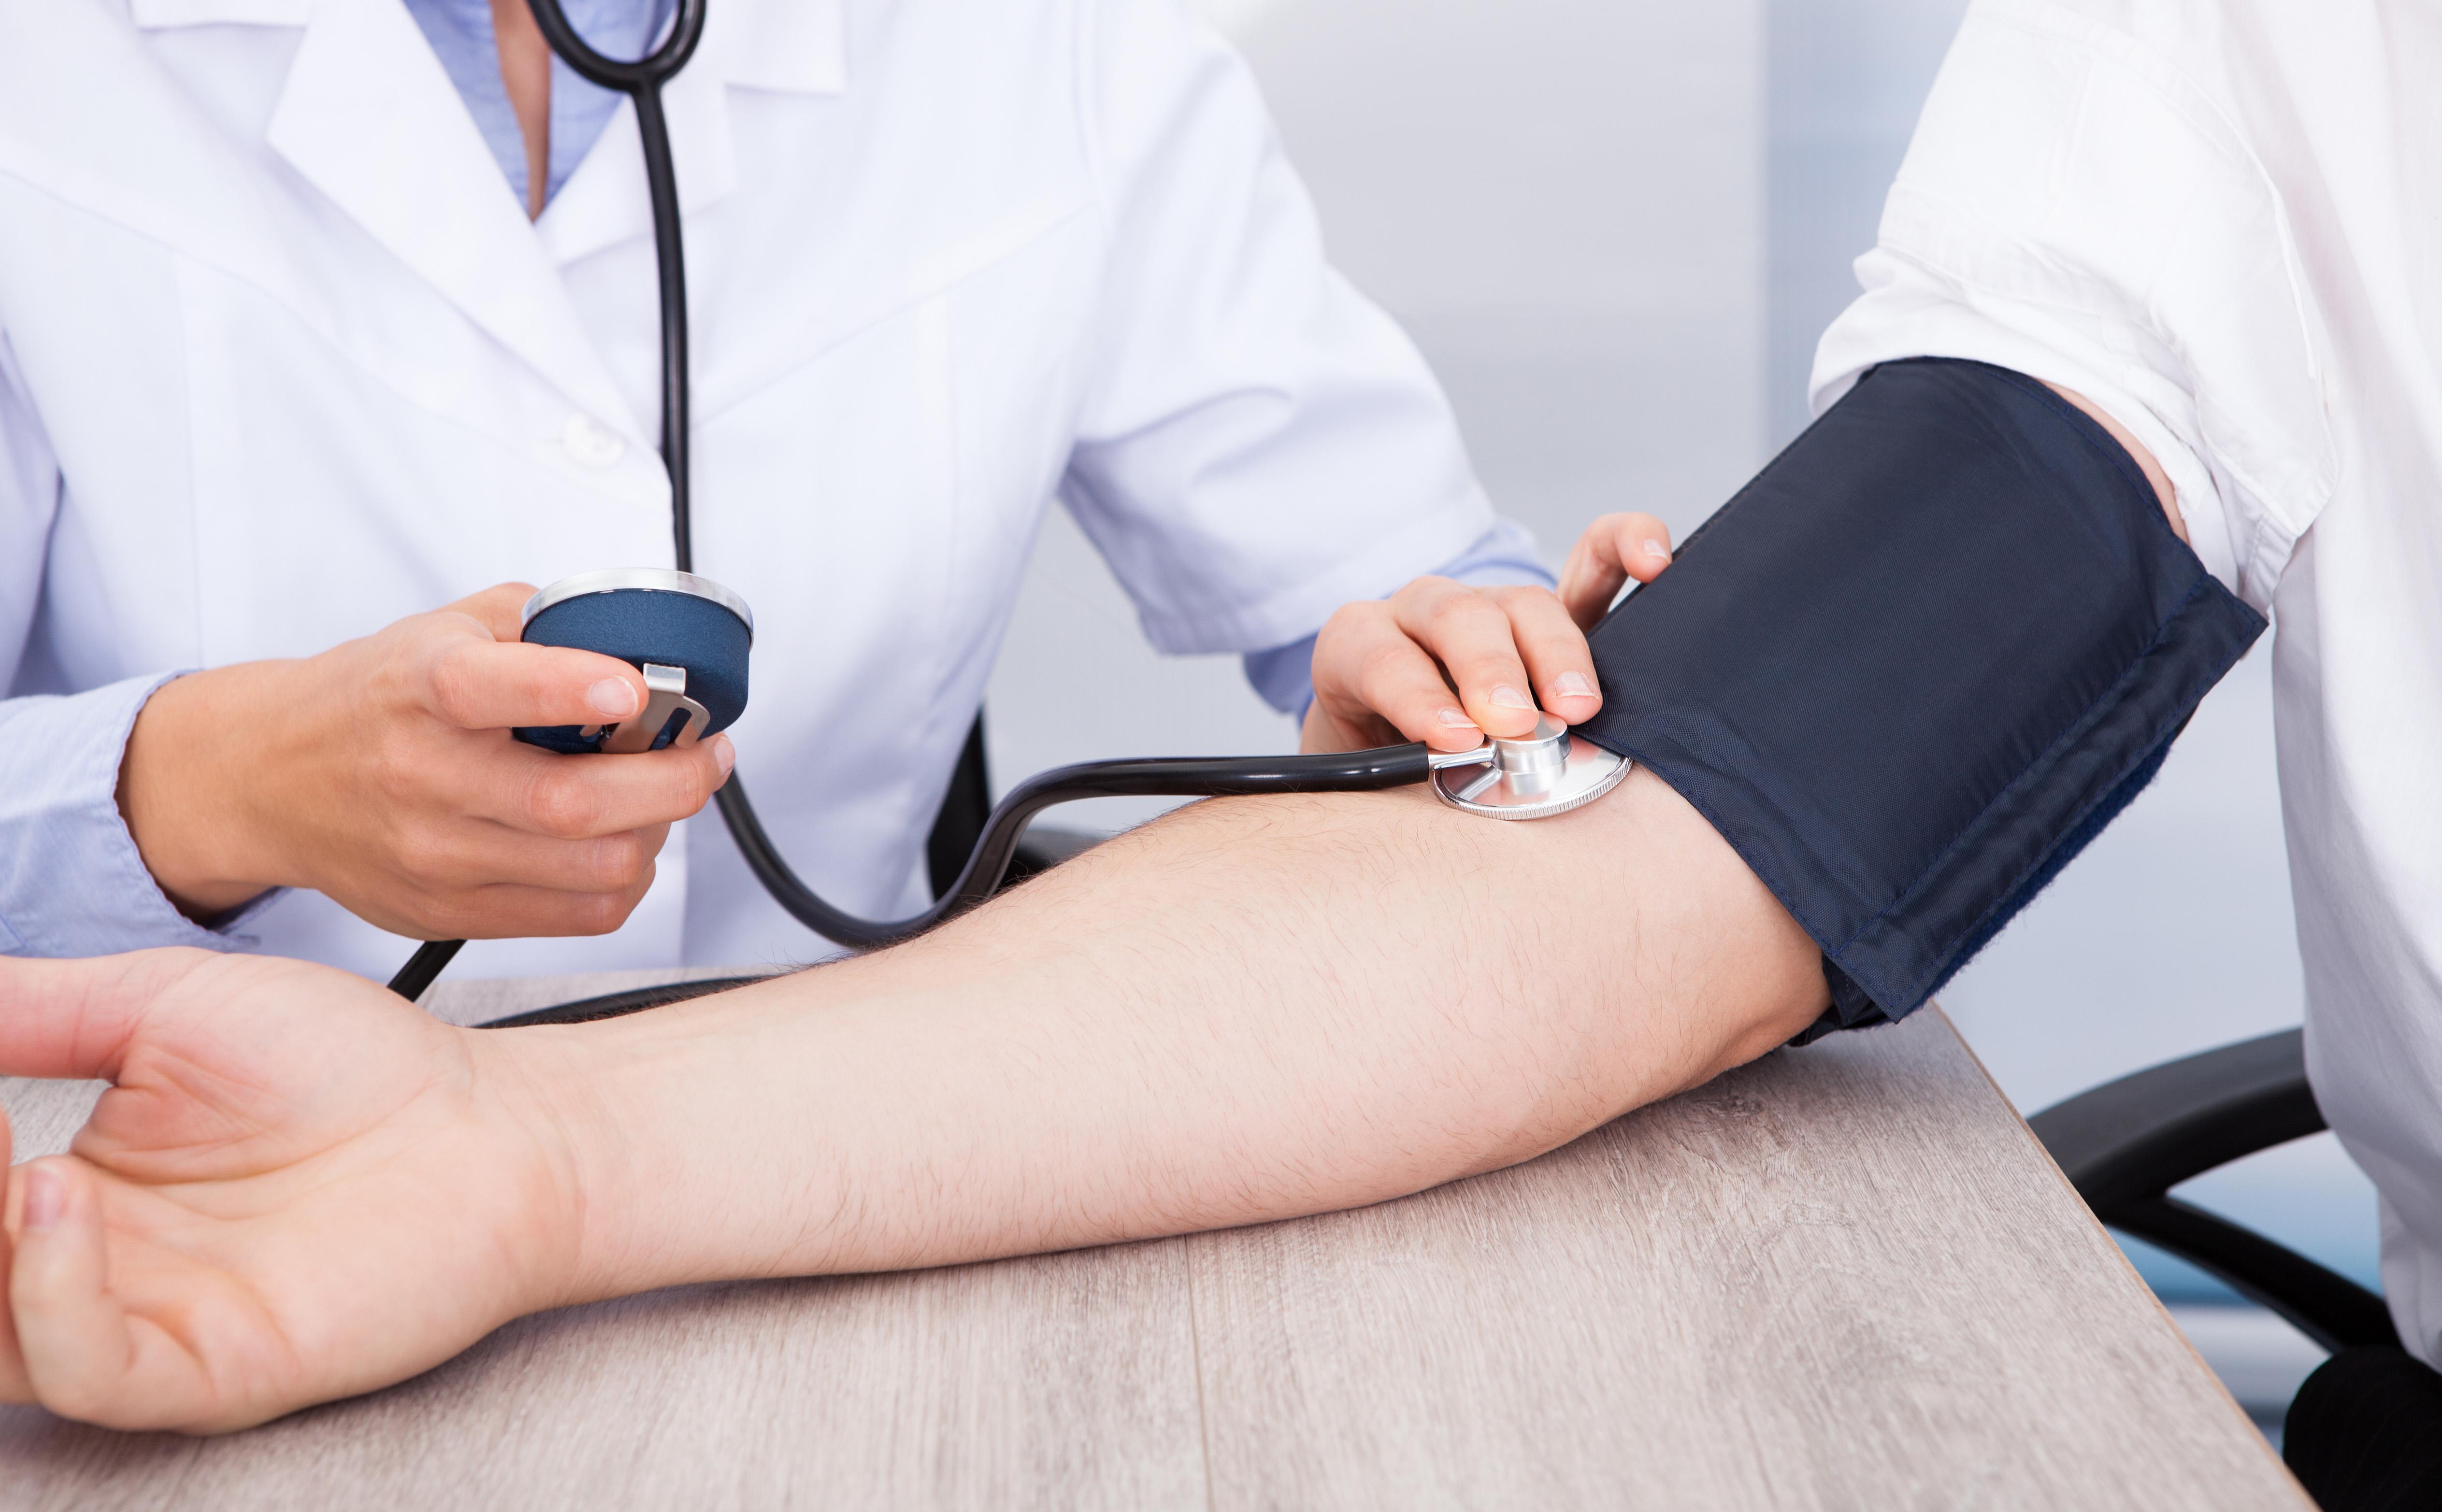 depresszió és magas vérnyomás elleni gyógyszerek magas vérnyomás kezelése ASD-vel